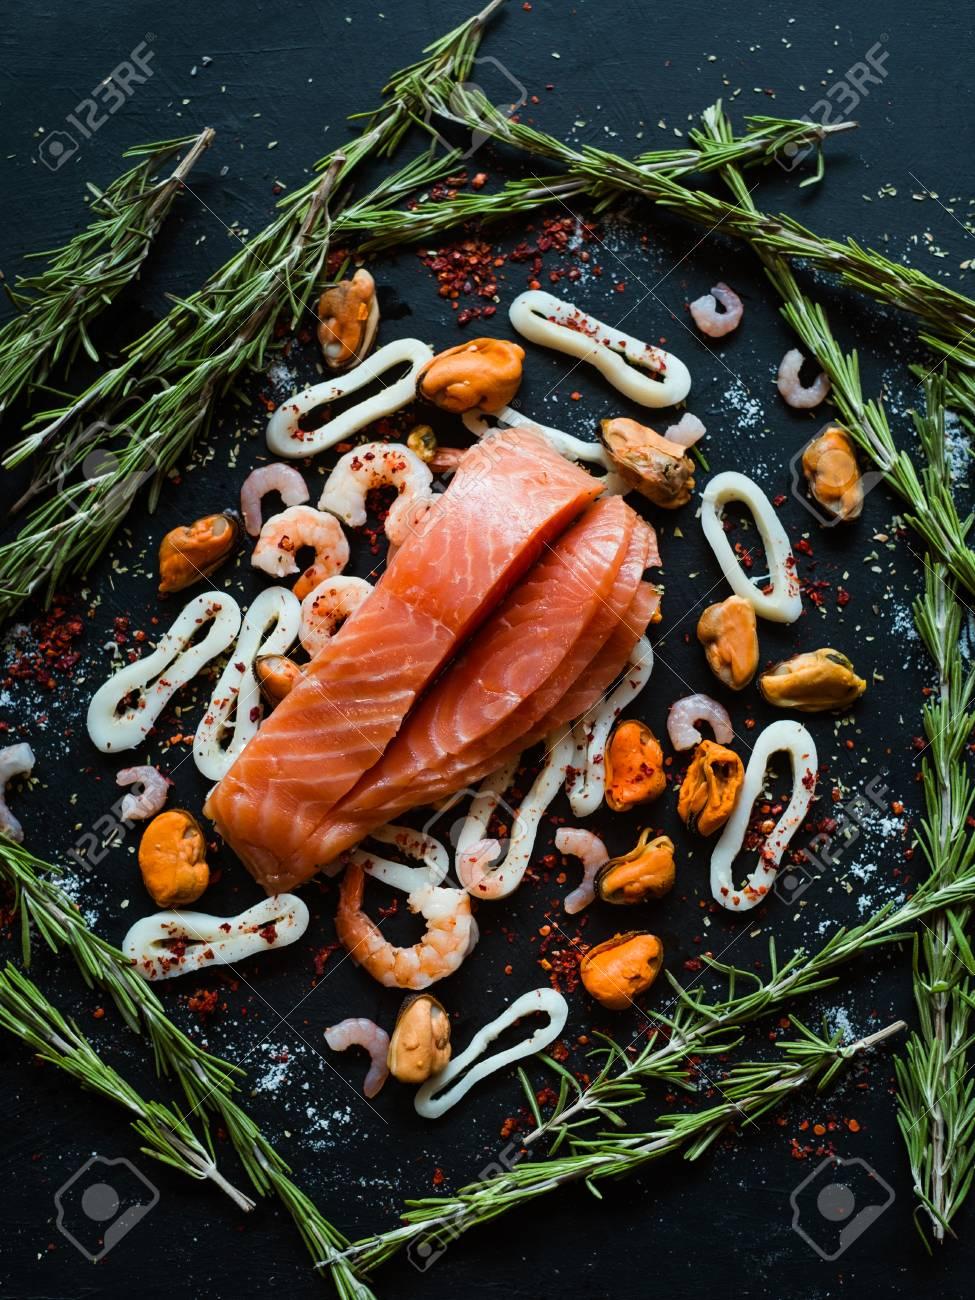 57c0e097fc Standard-Bild - Meeresfrüchte- und Lachssortiment auf dunklem Hintergrund.  Omega-3-Säure ungesättigte Fette. Gesundes Essen. Mediterrane Küche Konzept